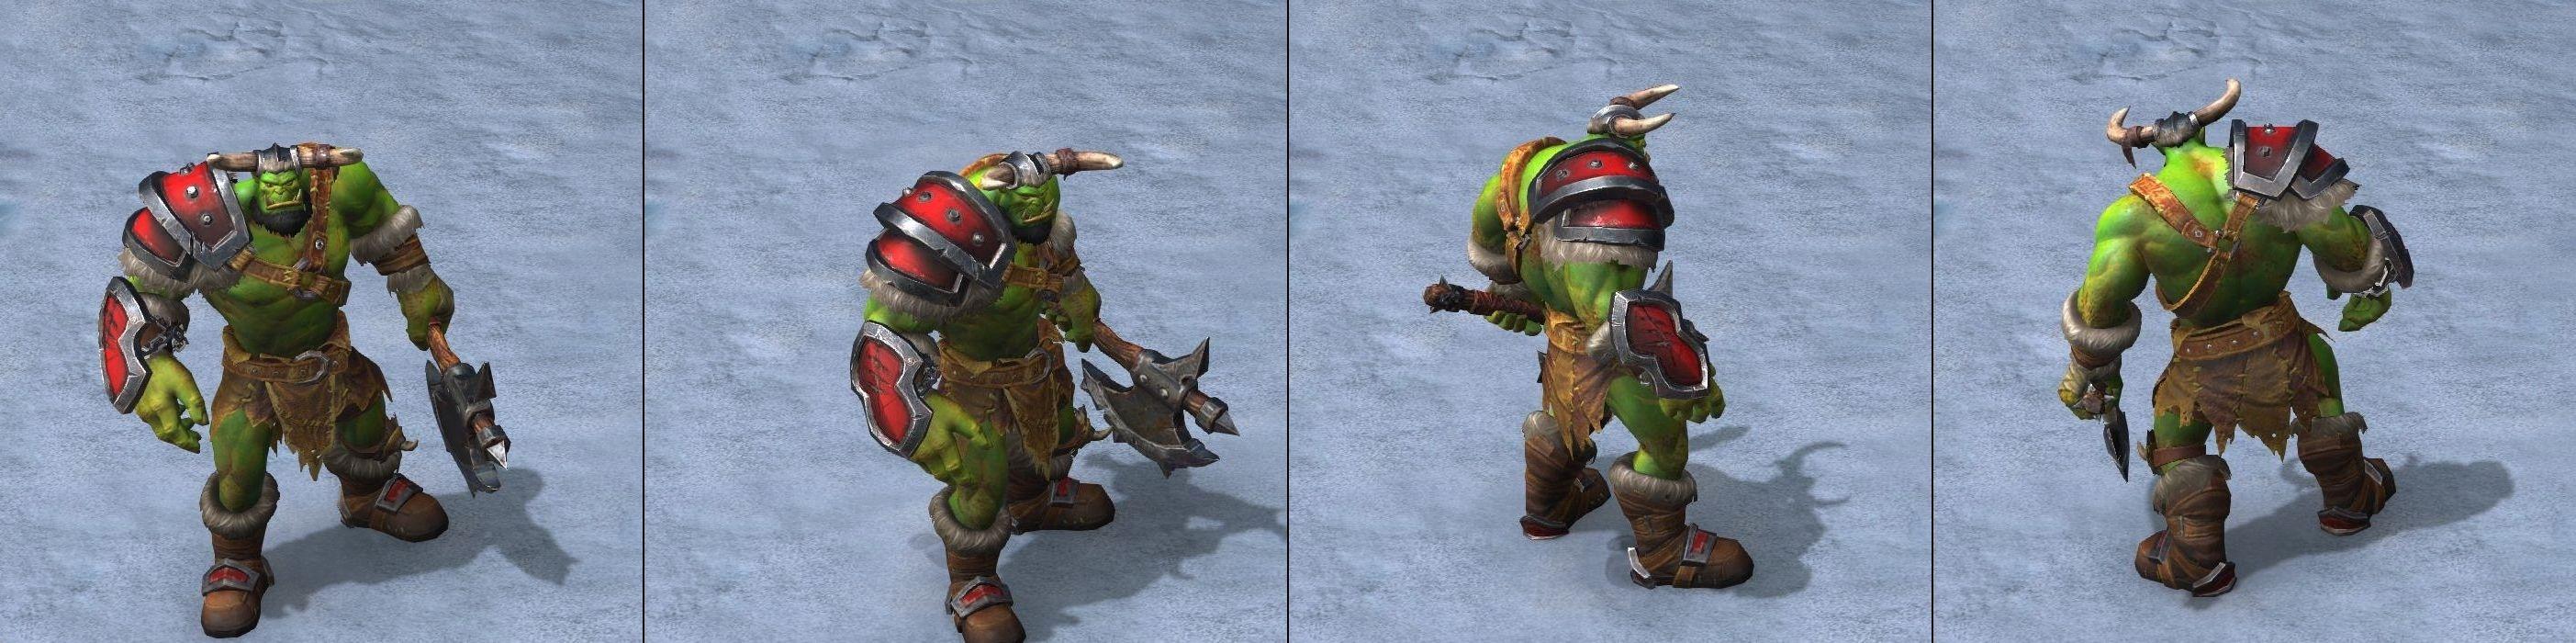 Warcraft III Reforged : Grunt